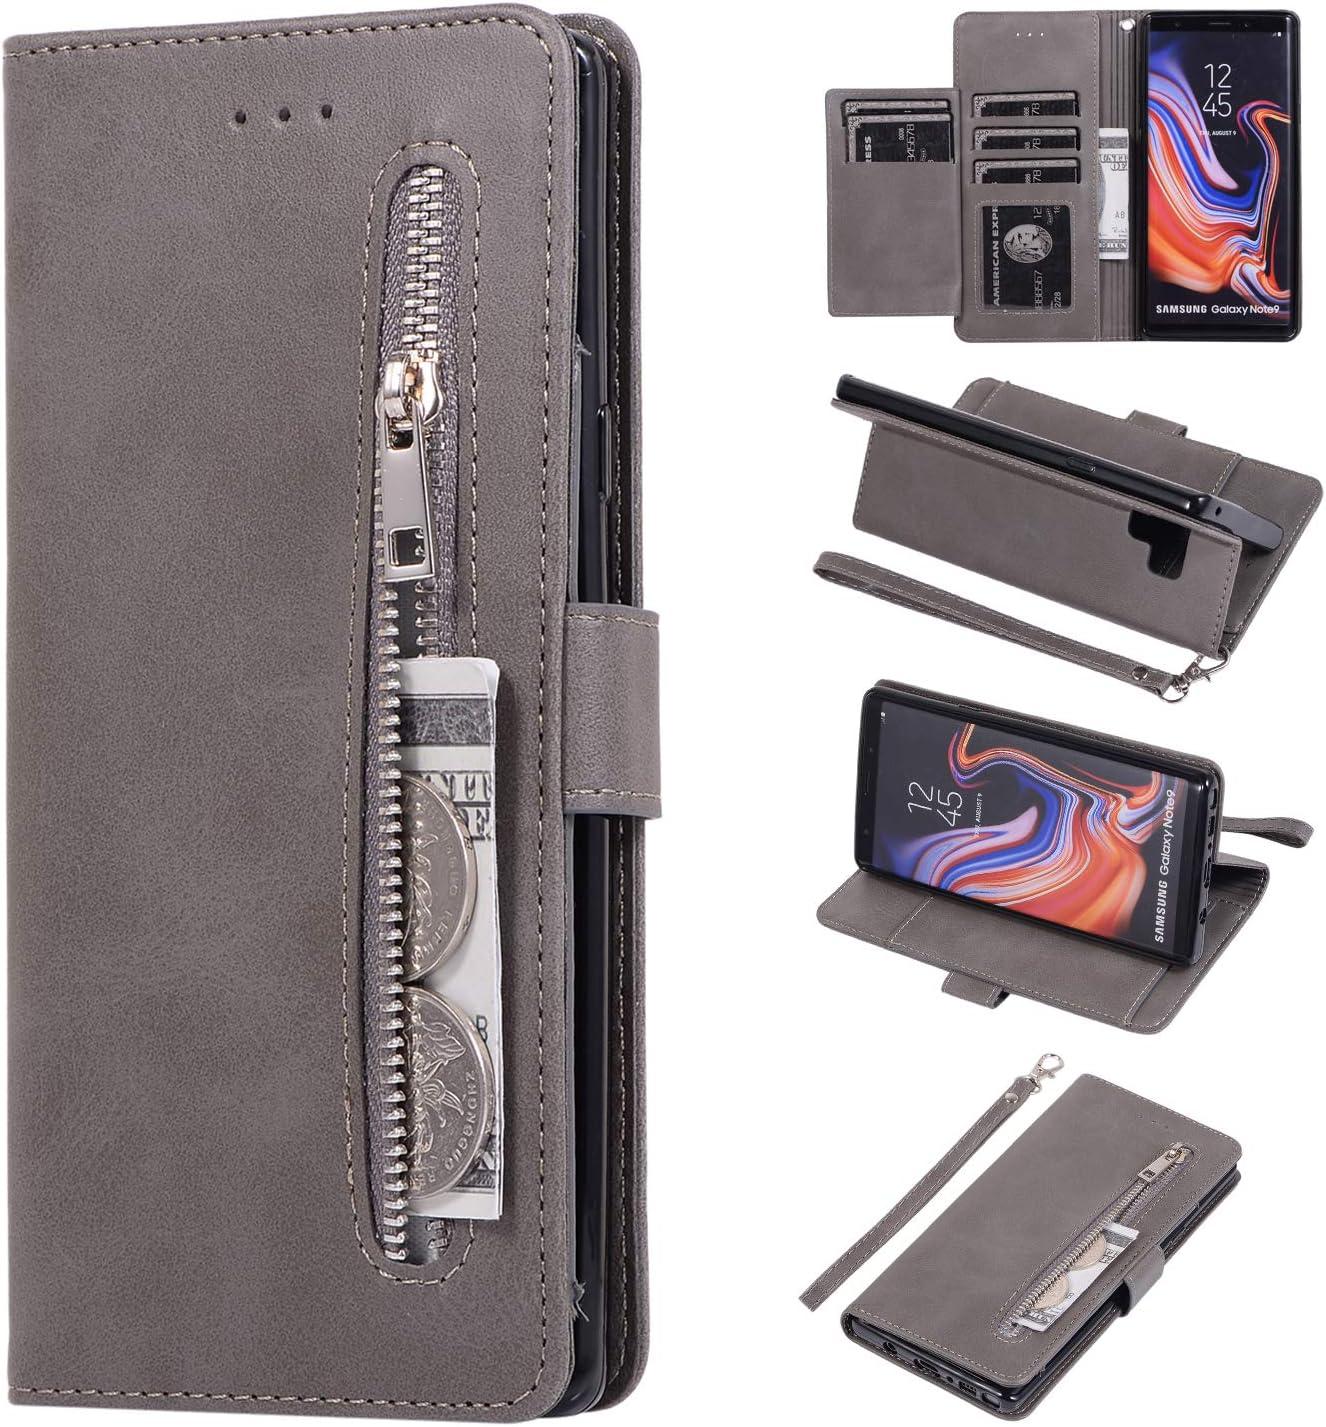 Chiusura Magnetica per Samsung Galaxy Note9 Funzione Supporto LODROC Cover Galaxy Note 9 Flip Cover Custodia Protettiva Caso Libro in Pelle PU con Portafoglio LOZY0200133 Blu